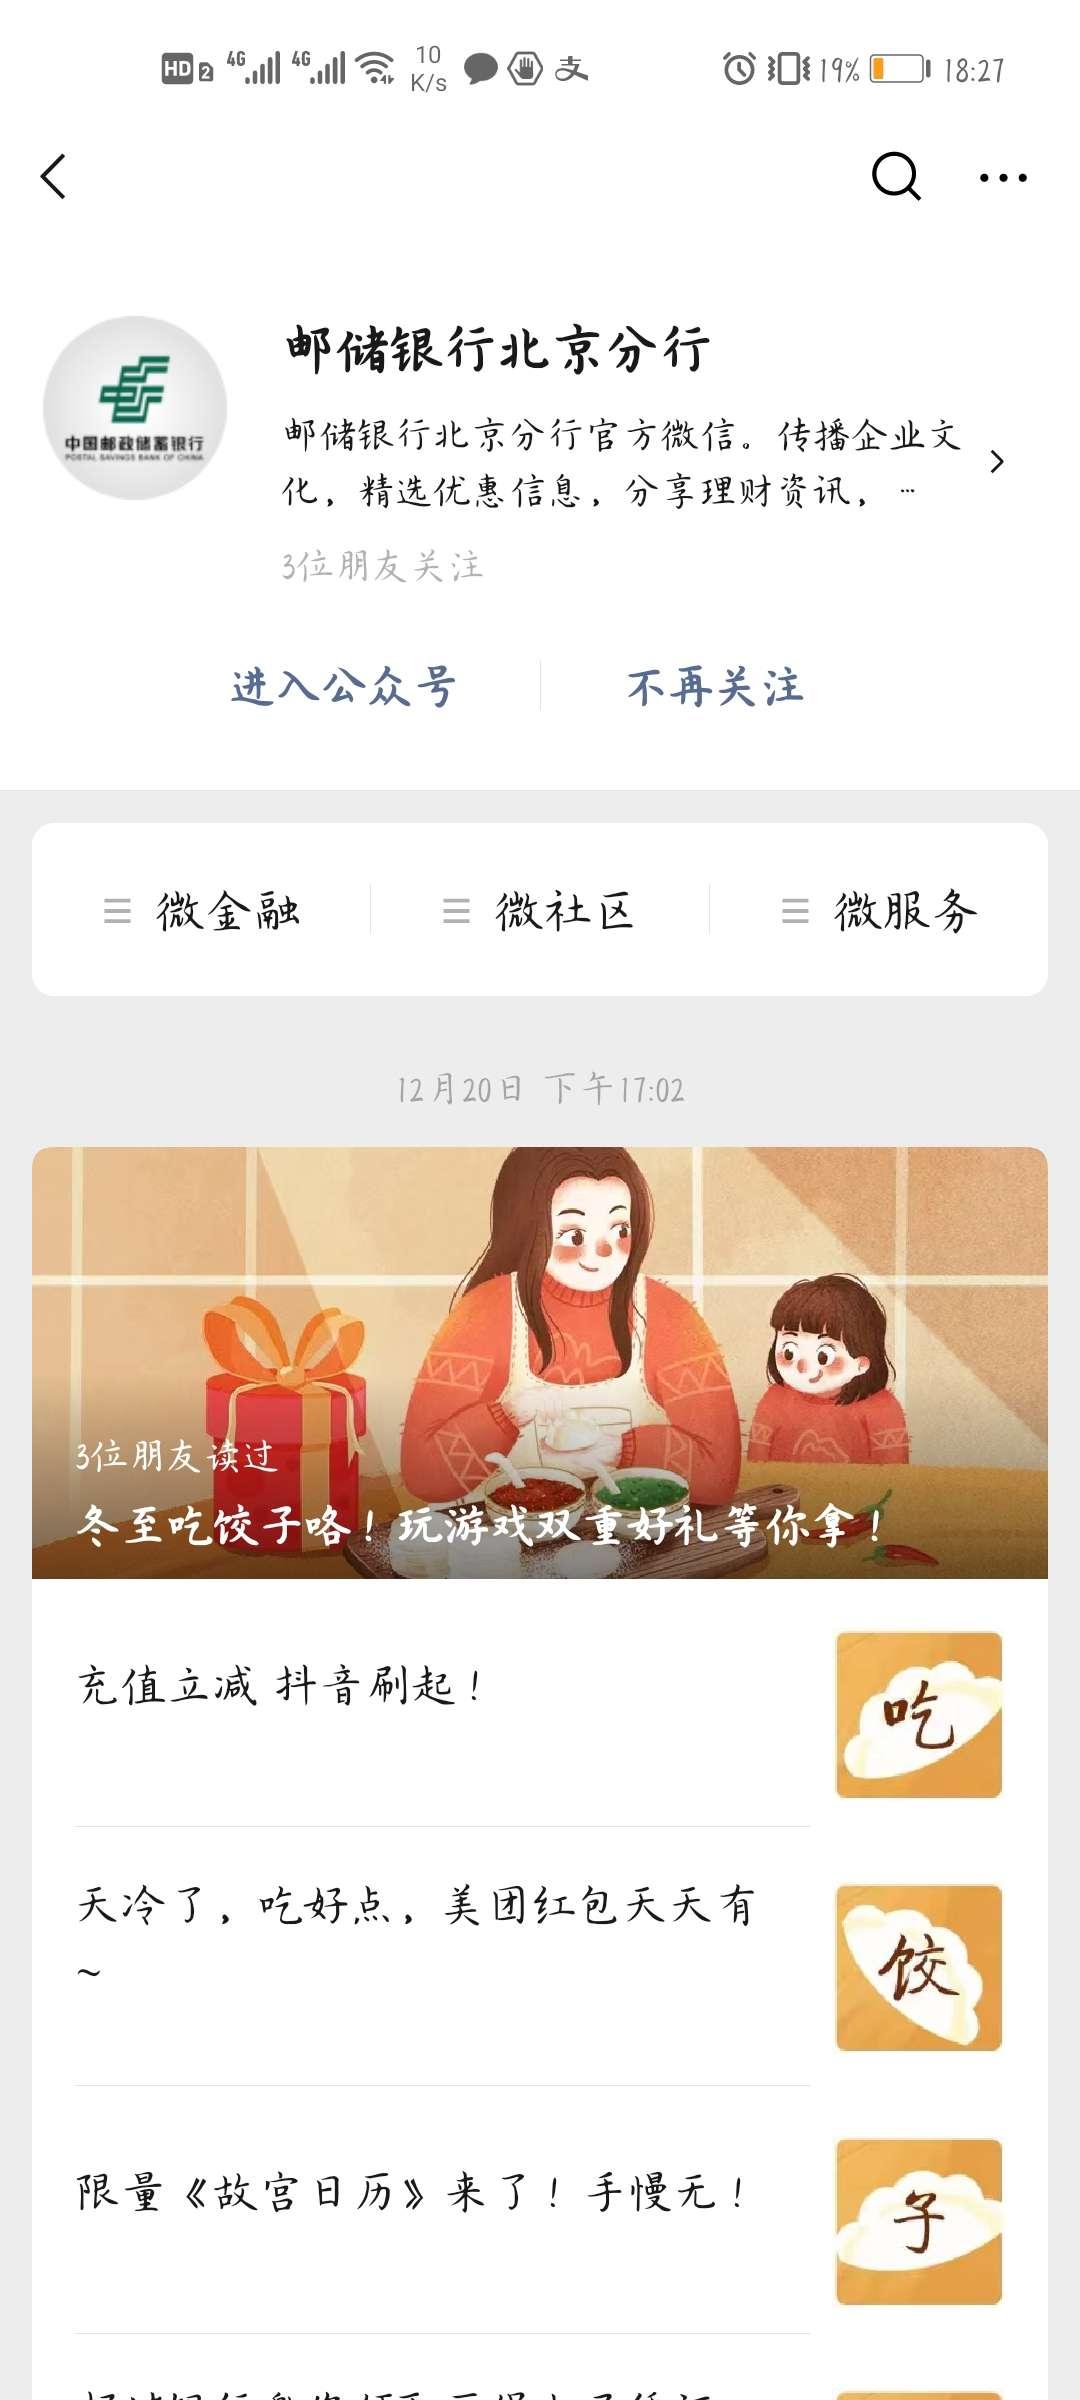 图片[2]-邮储银行北京分行做活动领红包-老友薅羊毛活动线报网